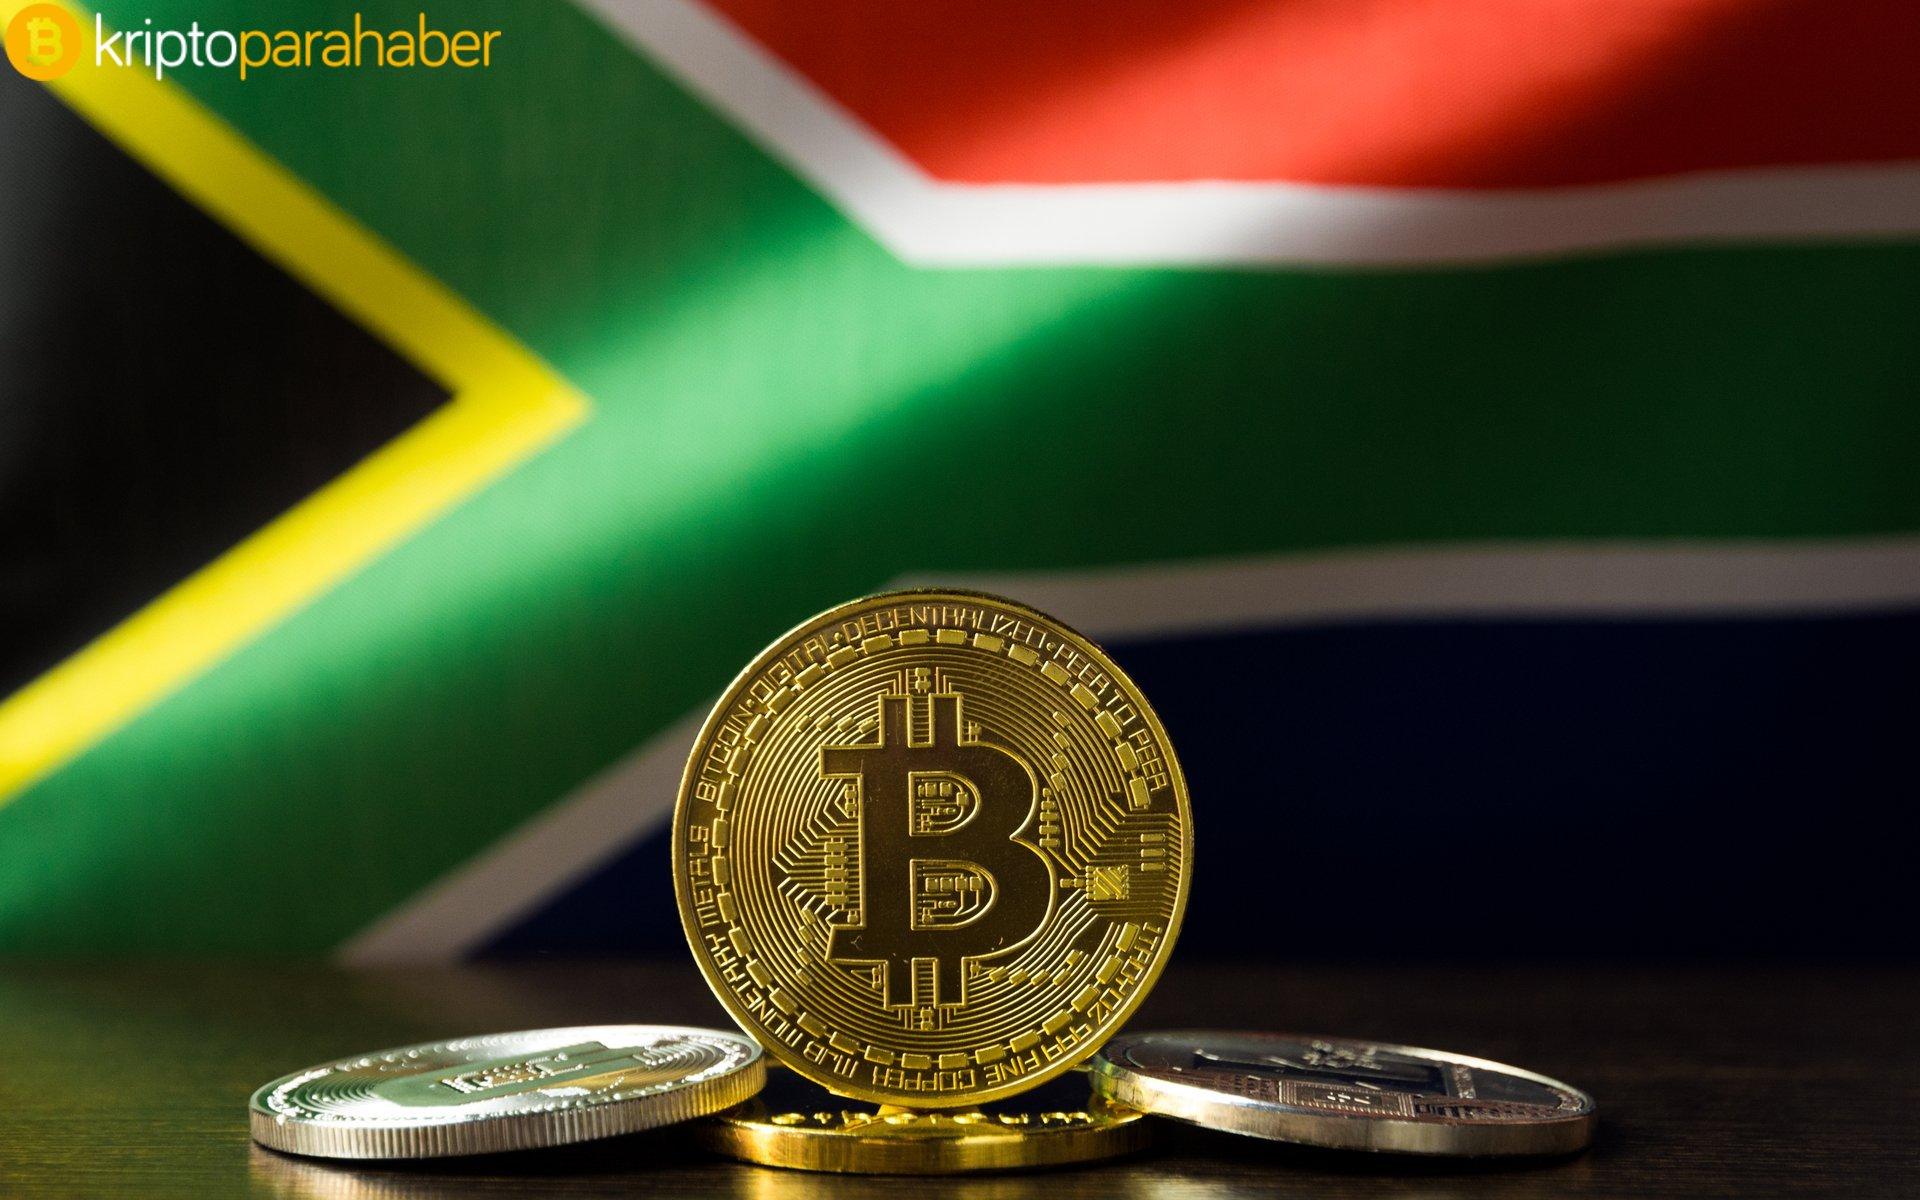 Güney Afrika'nın en büyük Bitcoin dolandırıcılığı yaşandı: 3,6 milyar dolar kayıp!